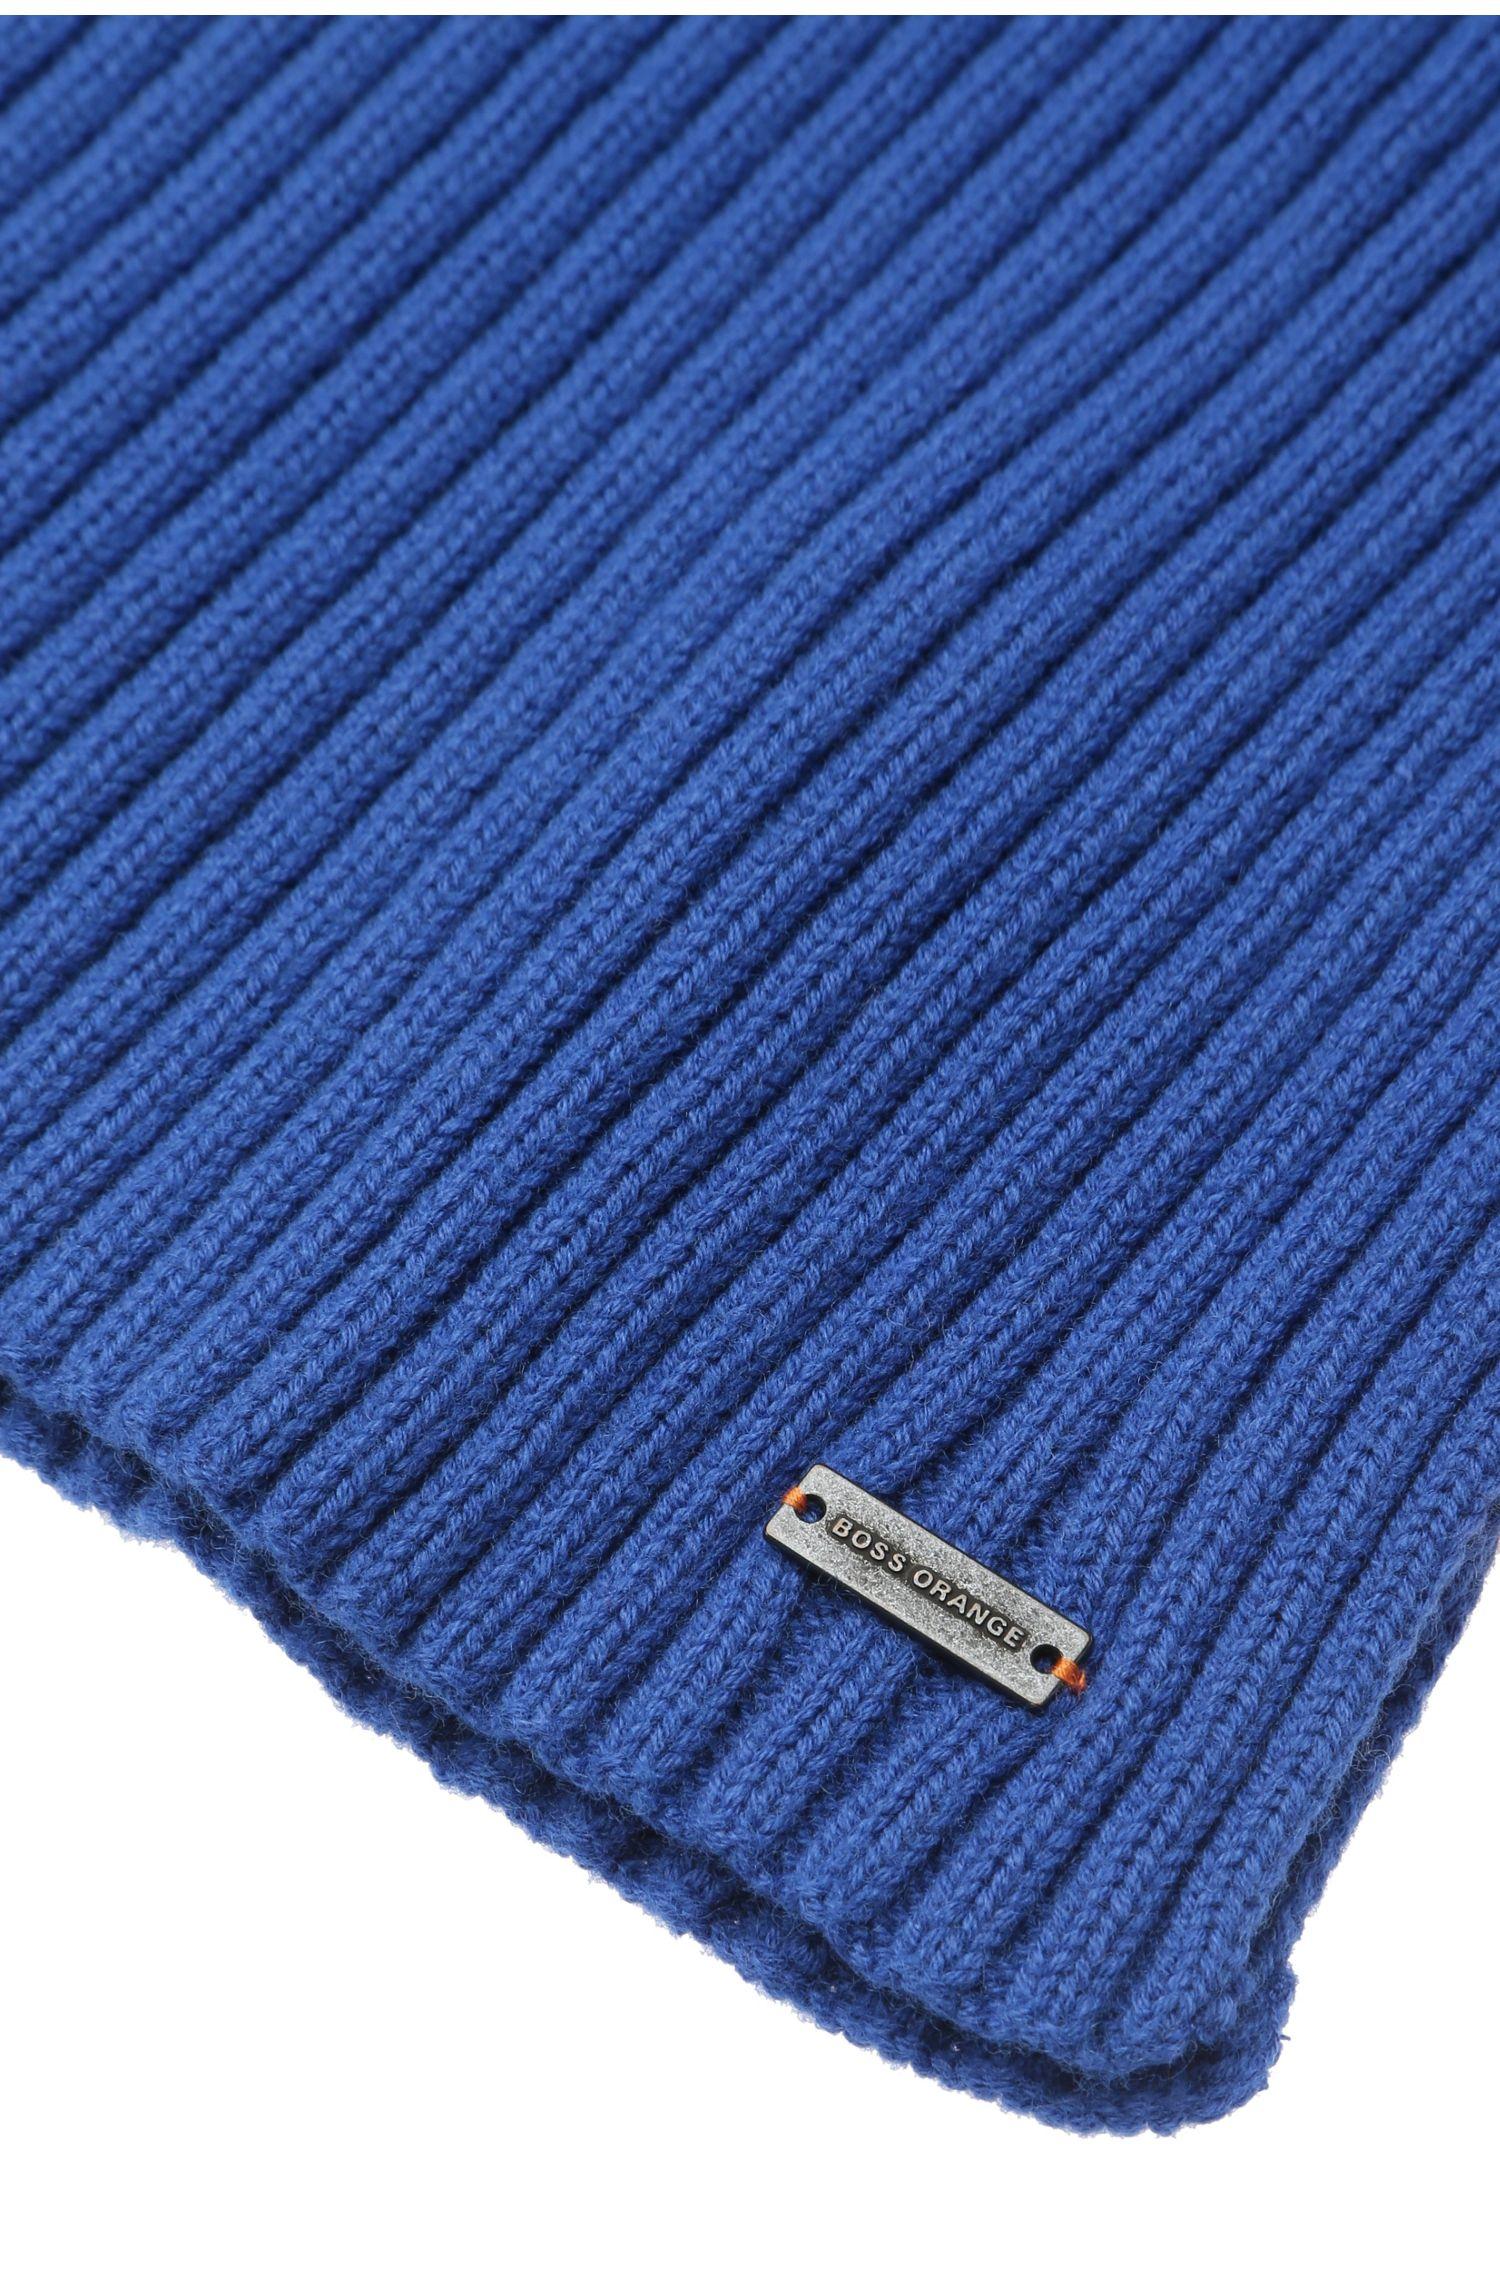 Schal ´Ariffon` aus Baumwoll-Gemisch